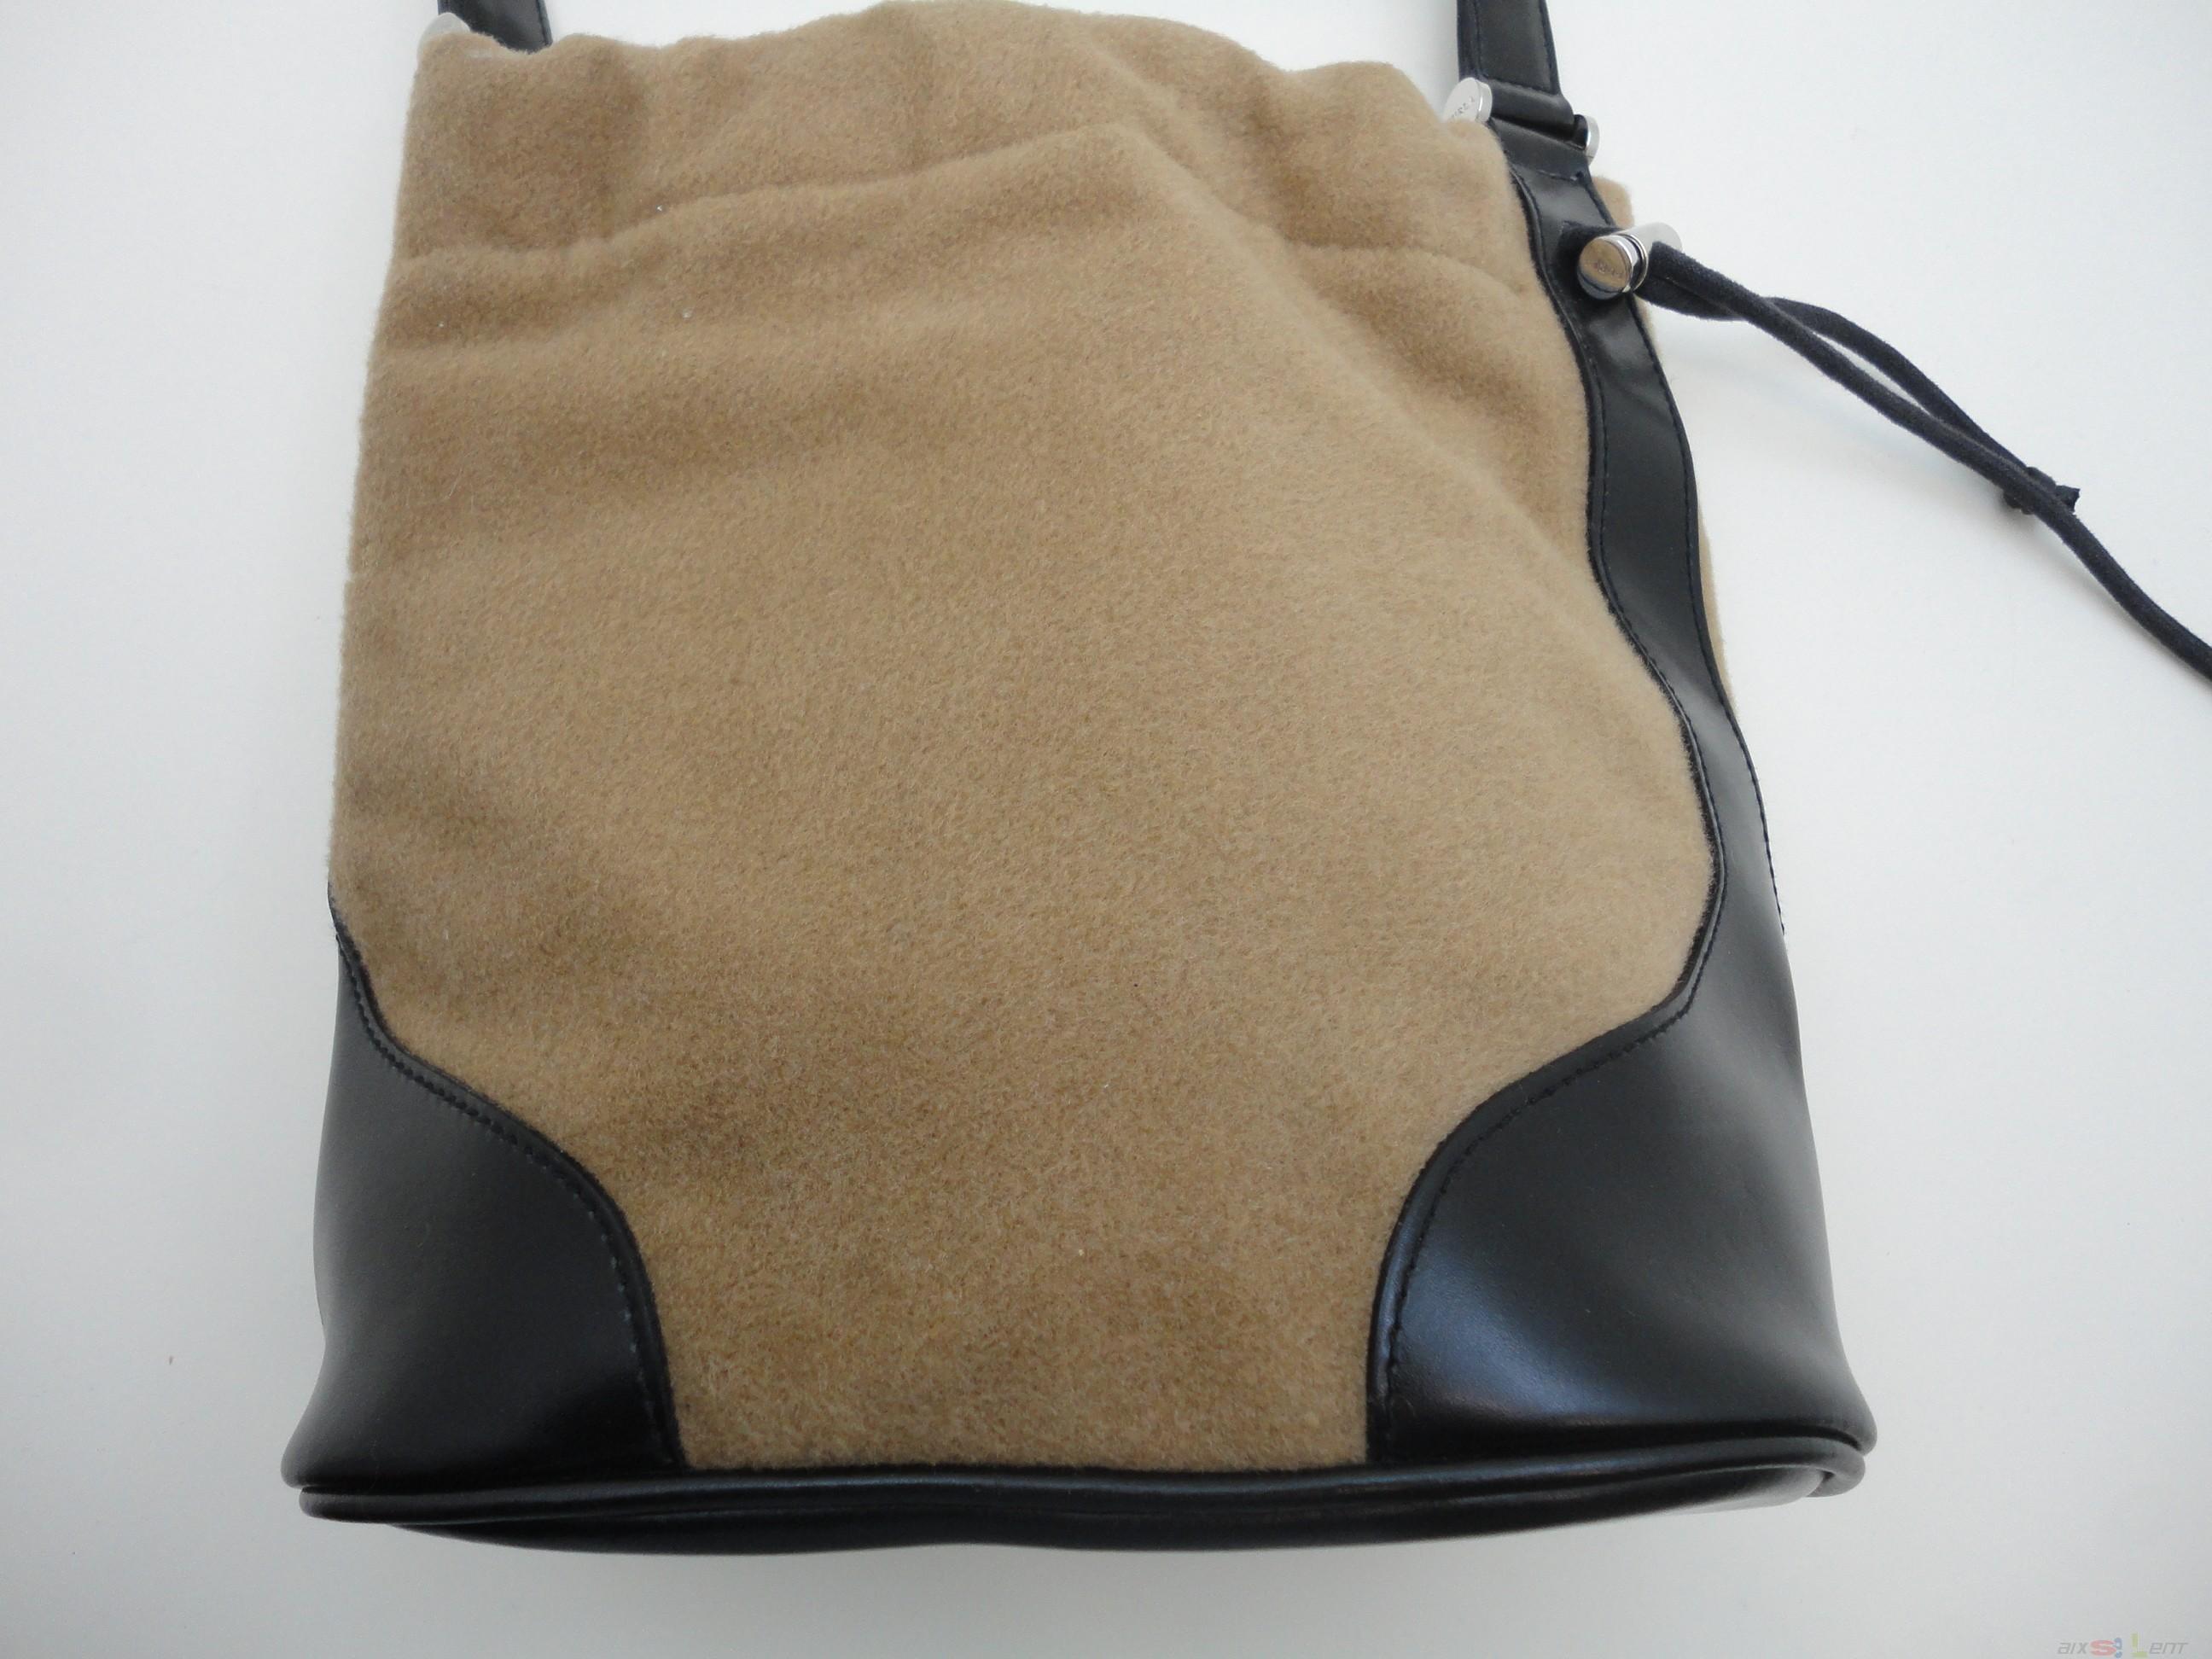 41a1bad09551e Details zu Furla Damen Handtasche Stoff Leder braun Innentasche Tasche